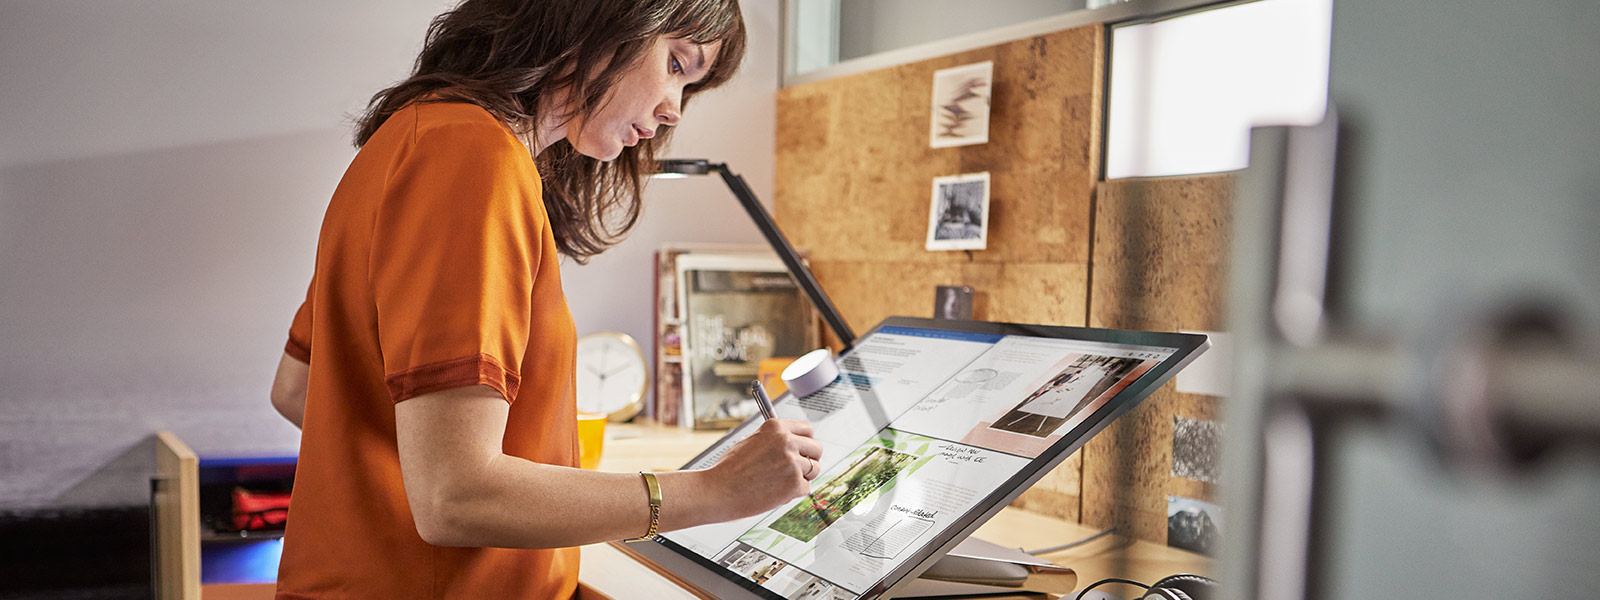 Nainen käyttää Surface Studiota kynällä.